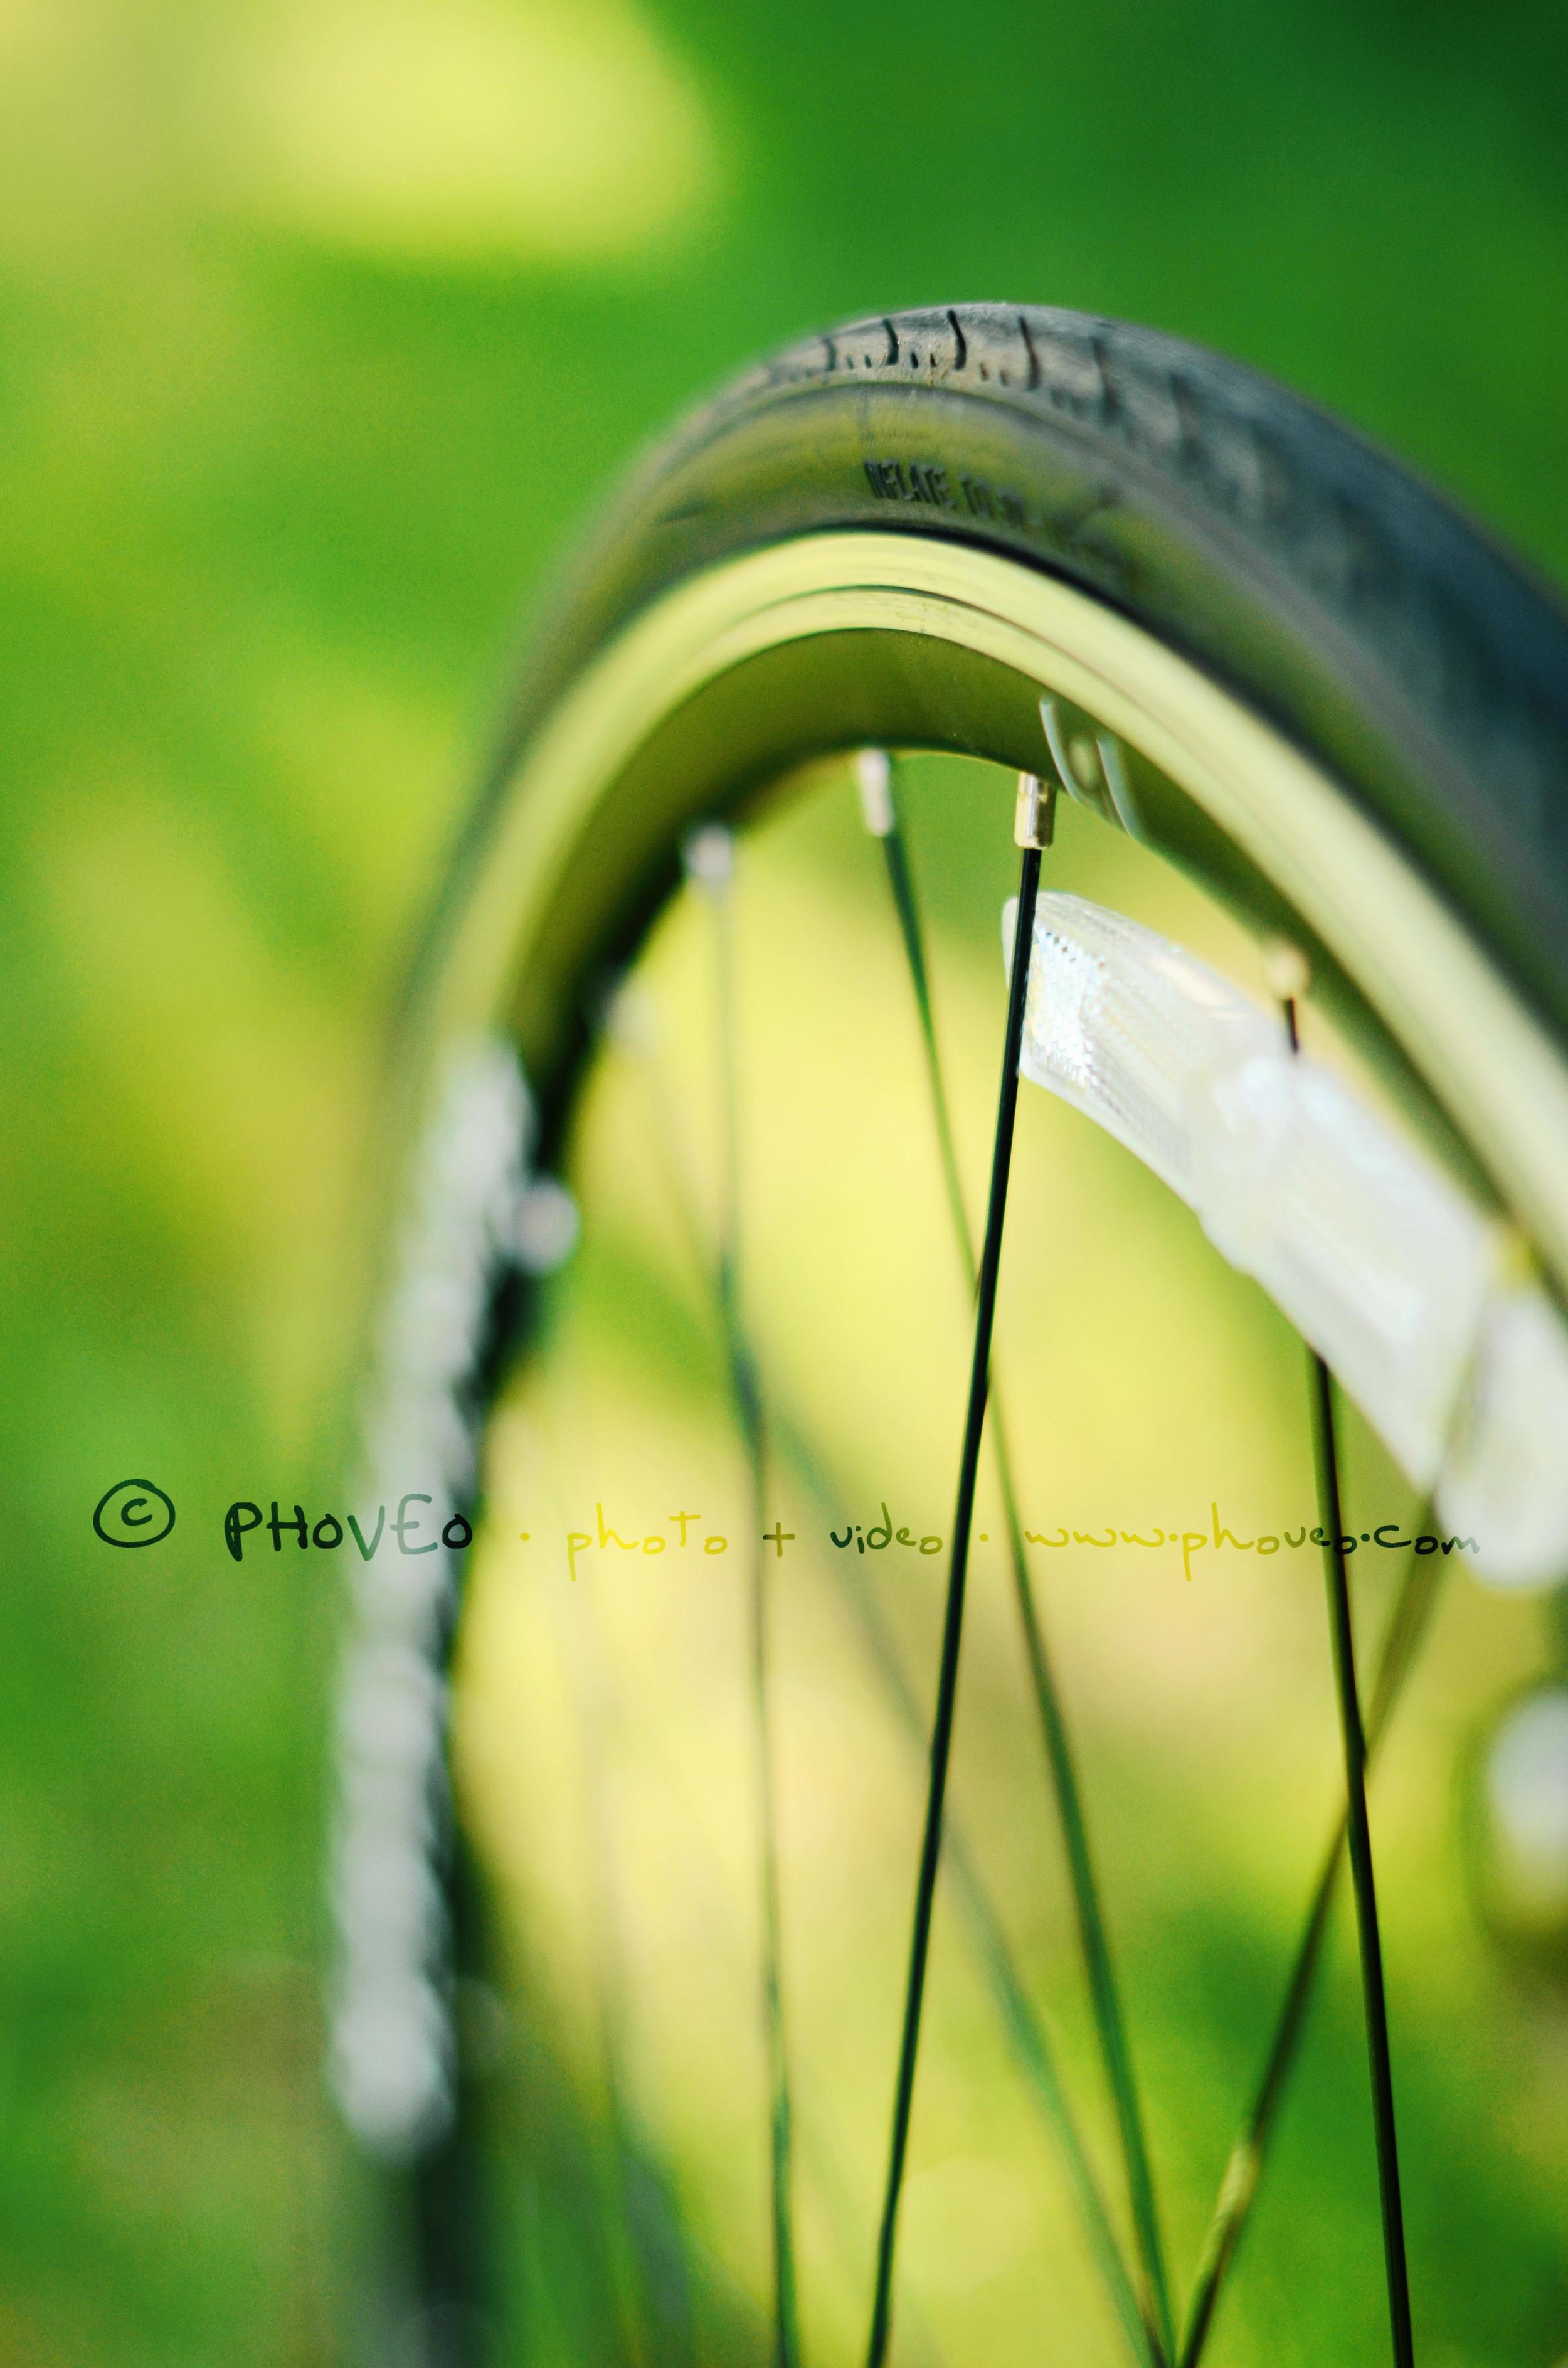 WM_Bike1.jpg